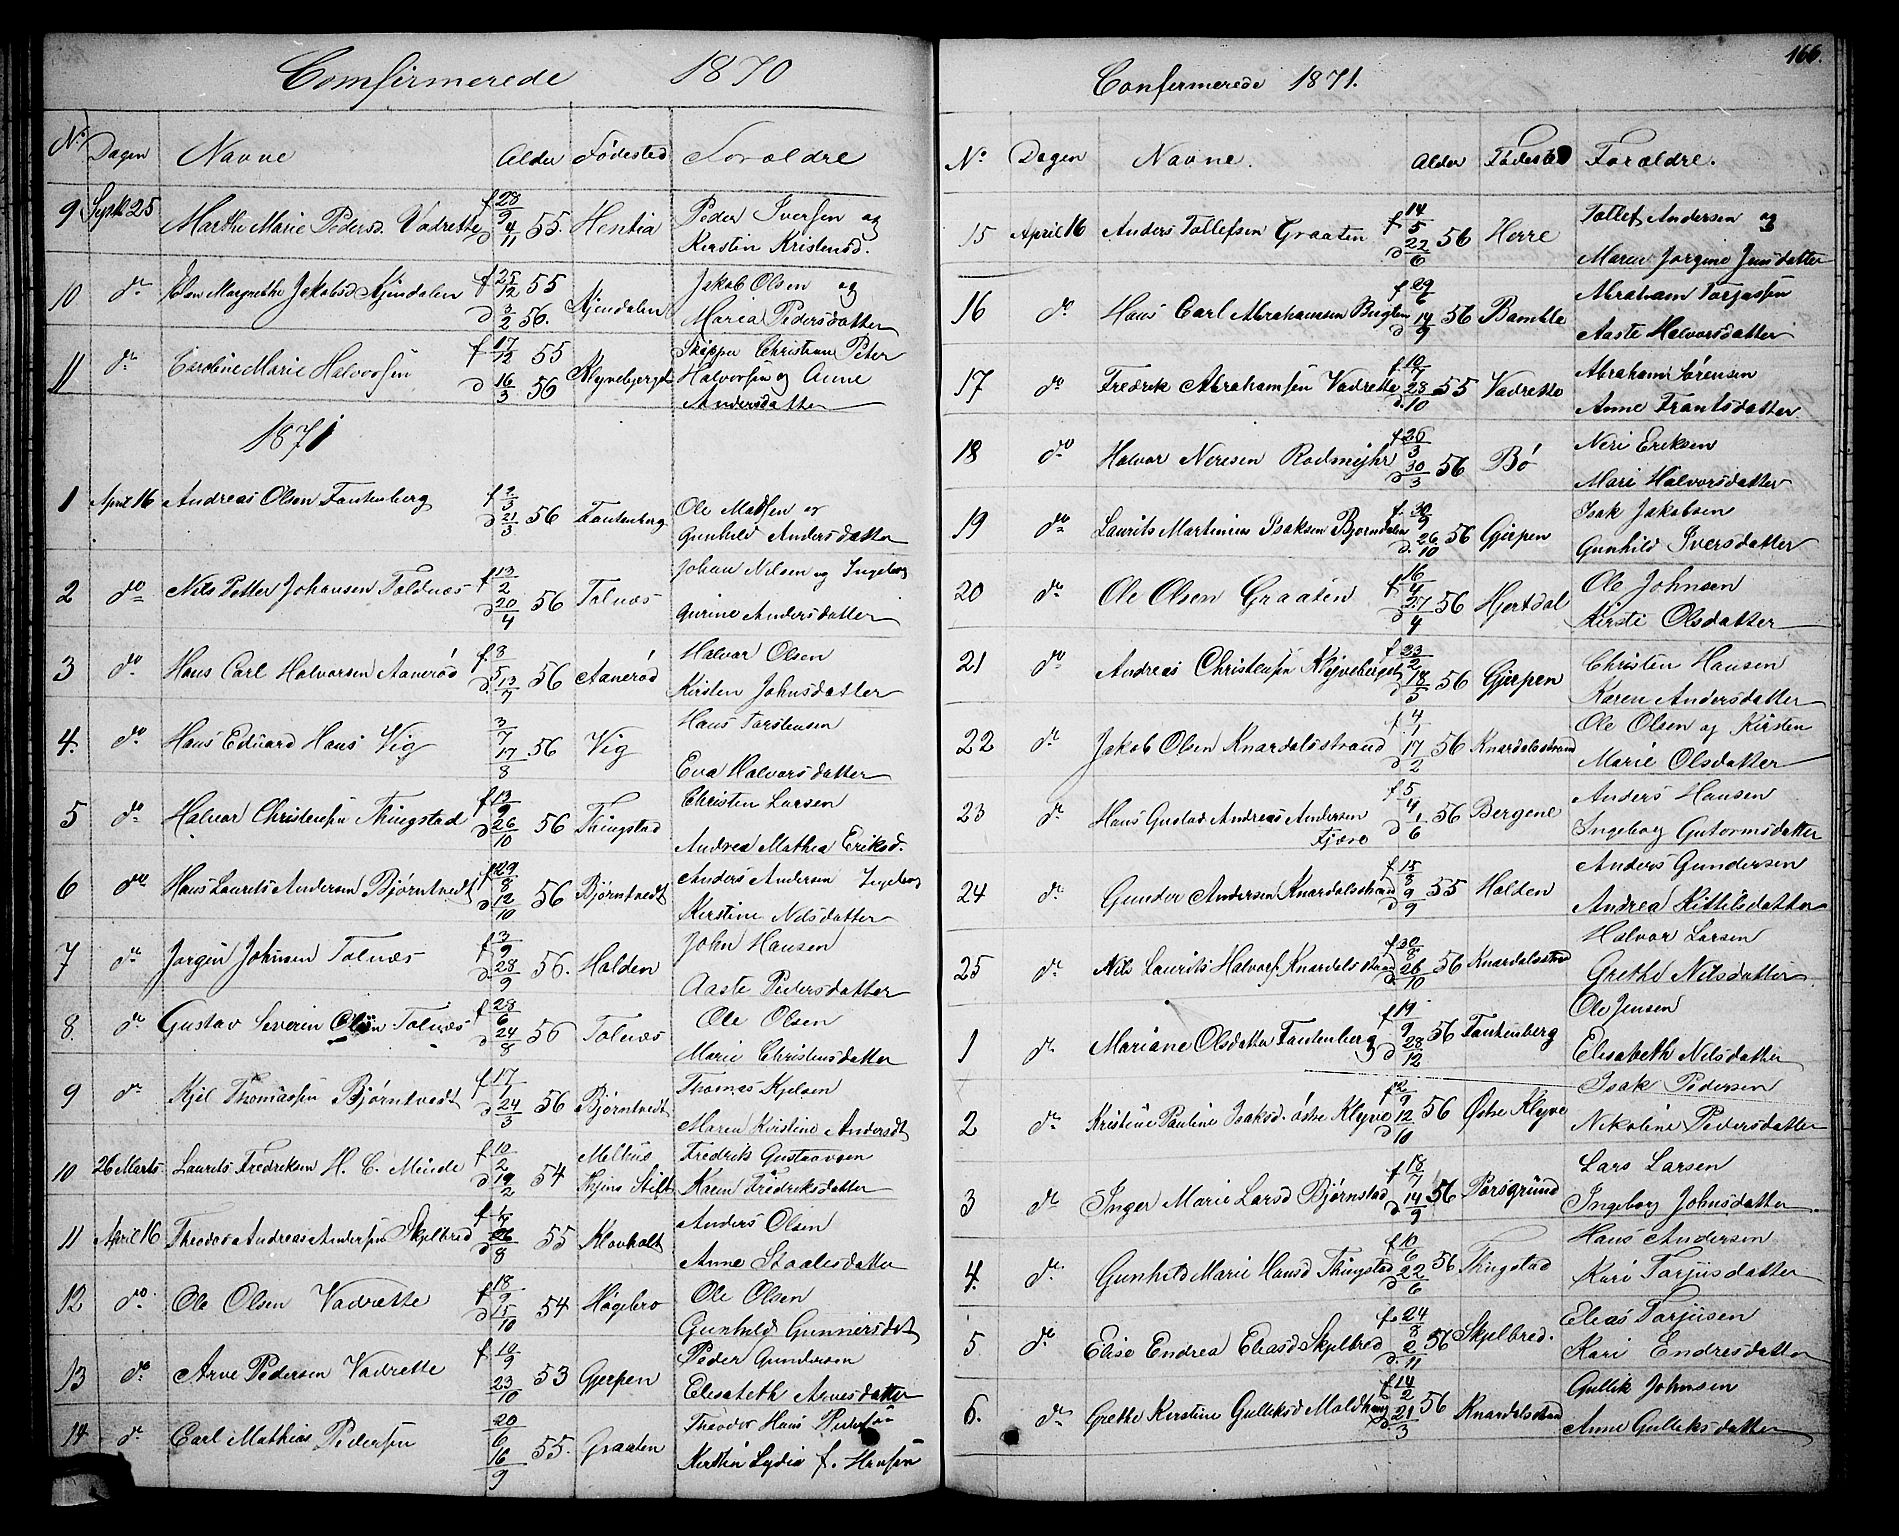 SAKO, Solum kirkebøker, G/Ga/L0004: Klokkerbok nr. I 4, 1859-1876, s. 166